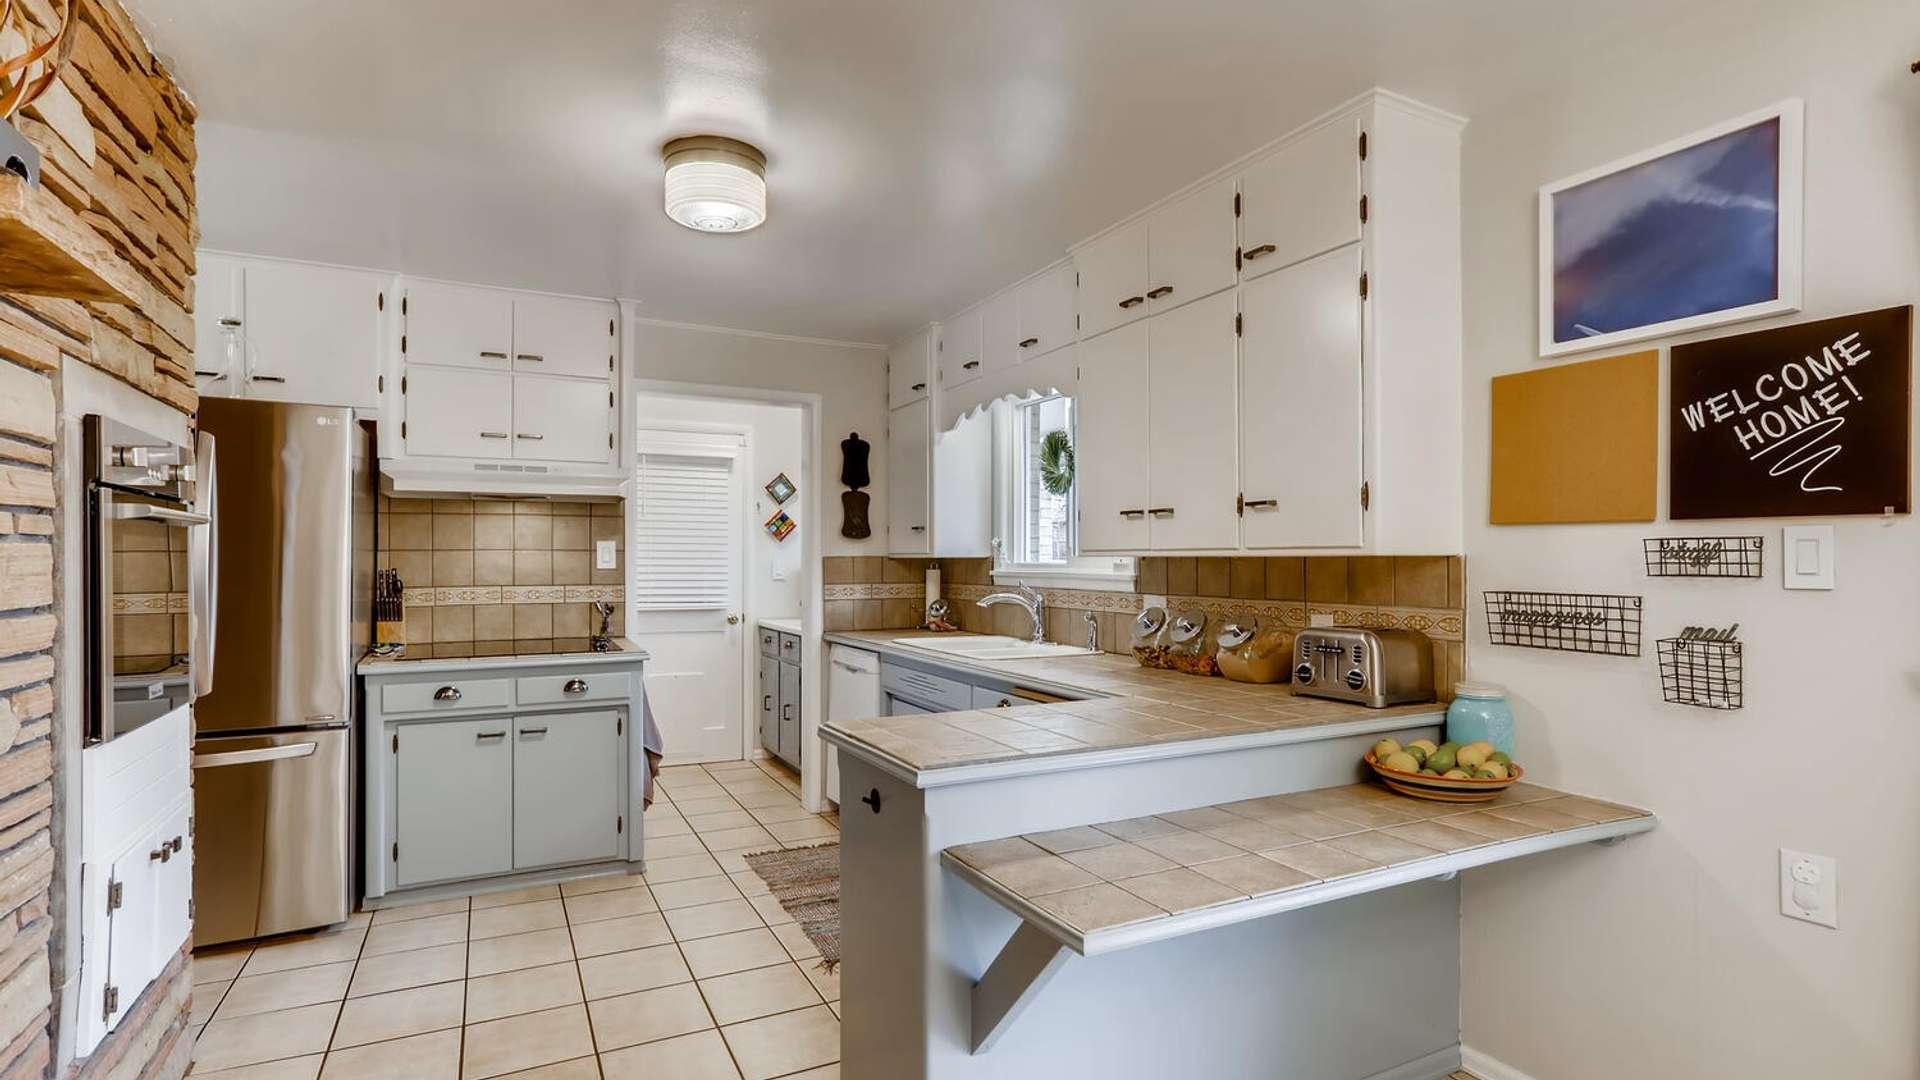 12 of 38. Beautiful kitchen